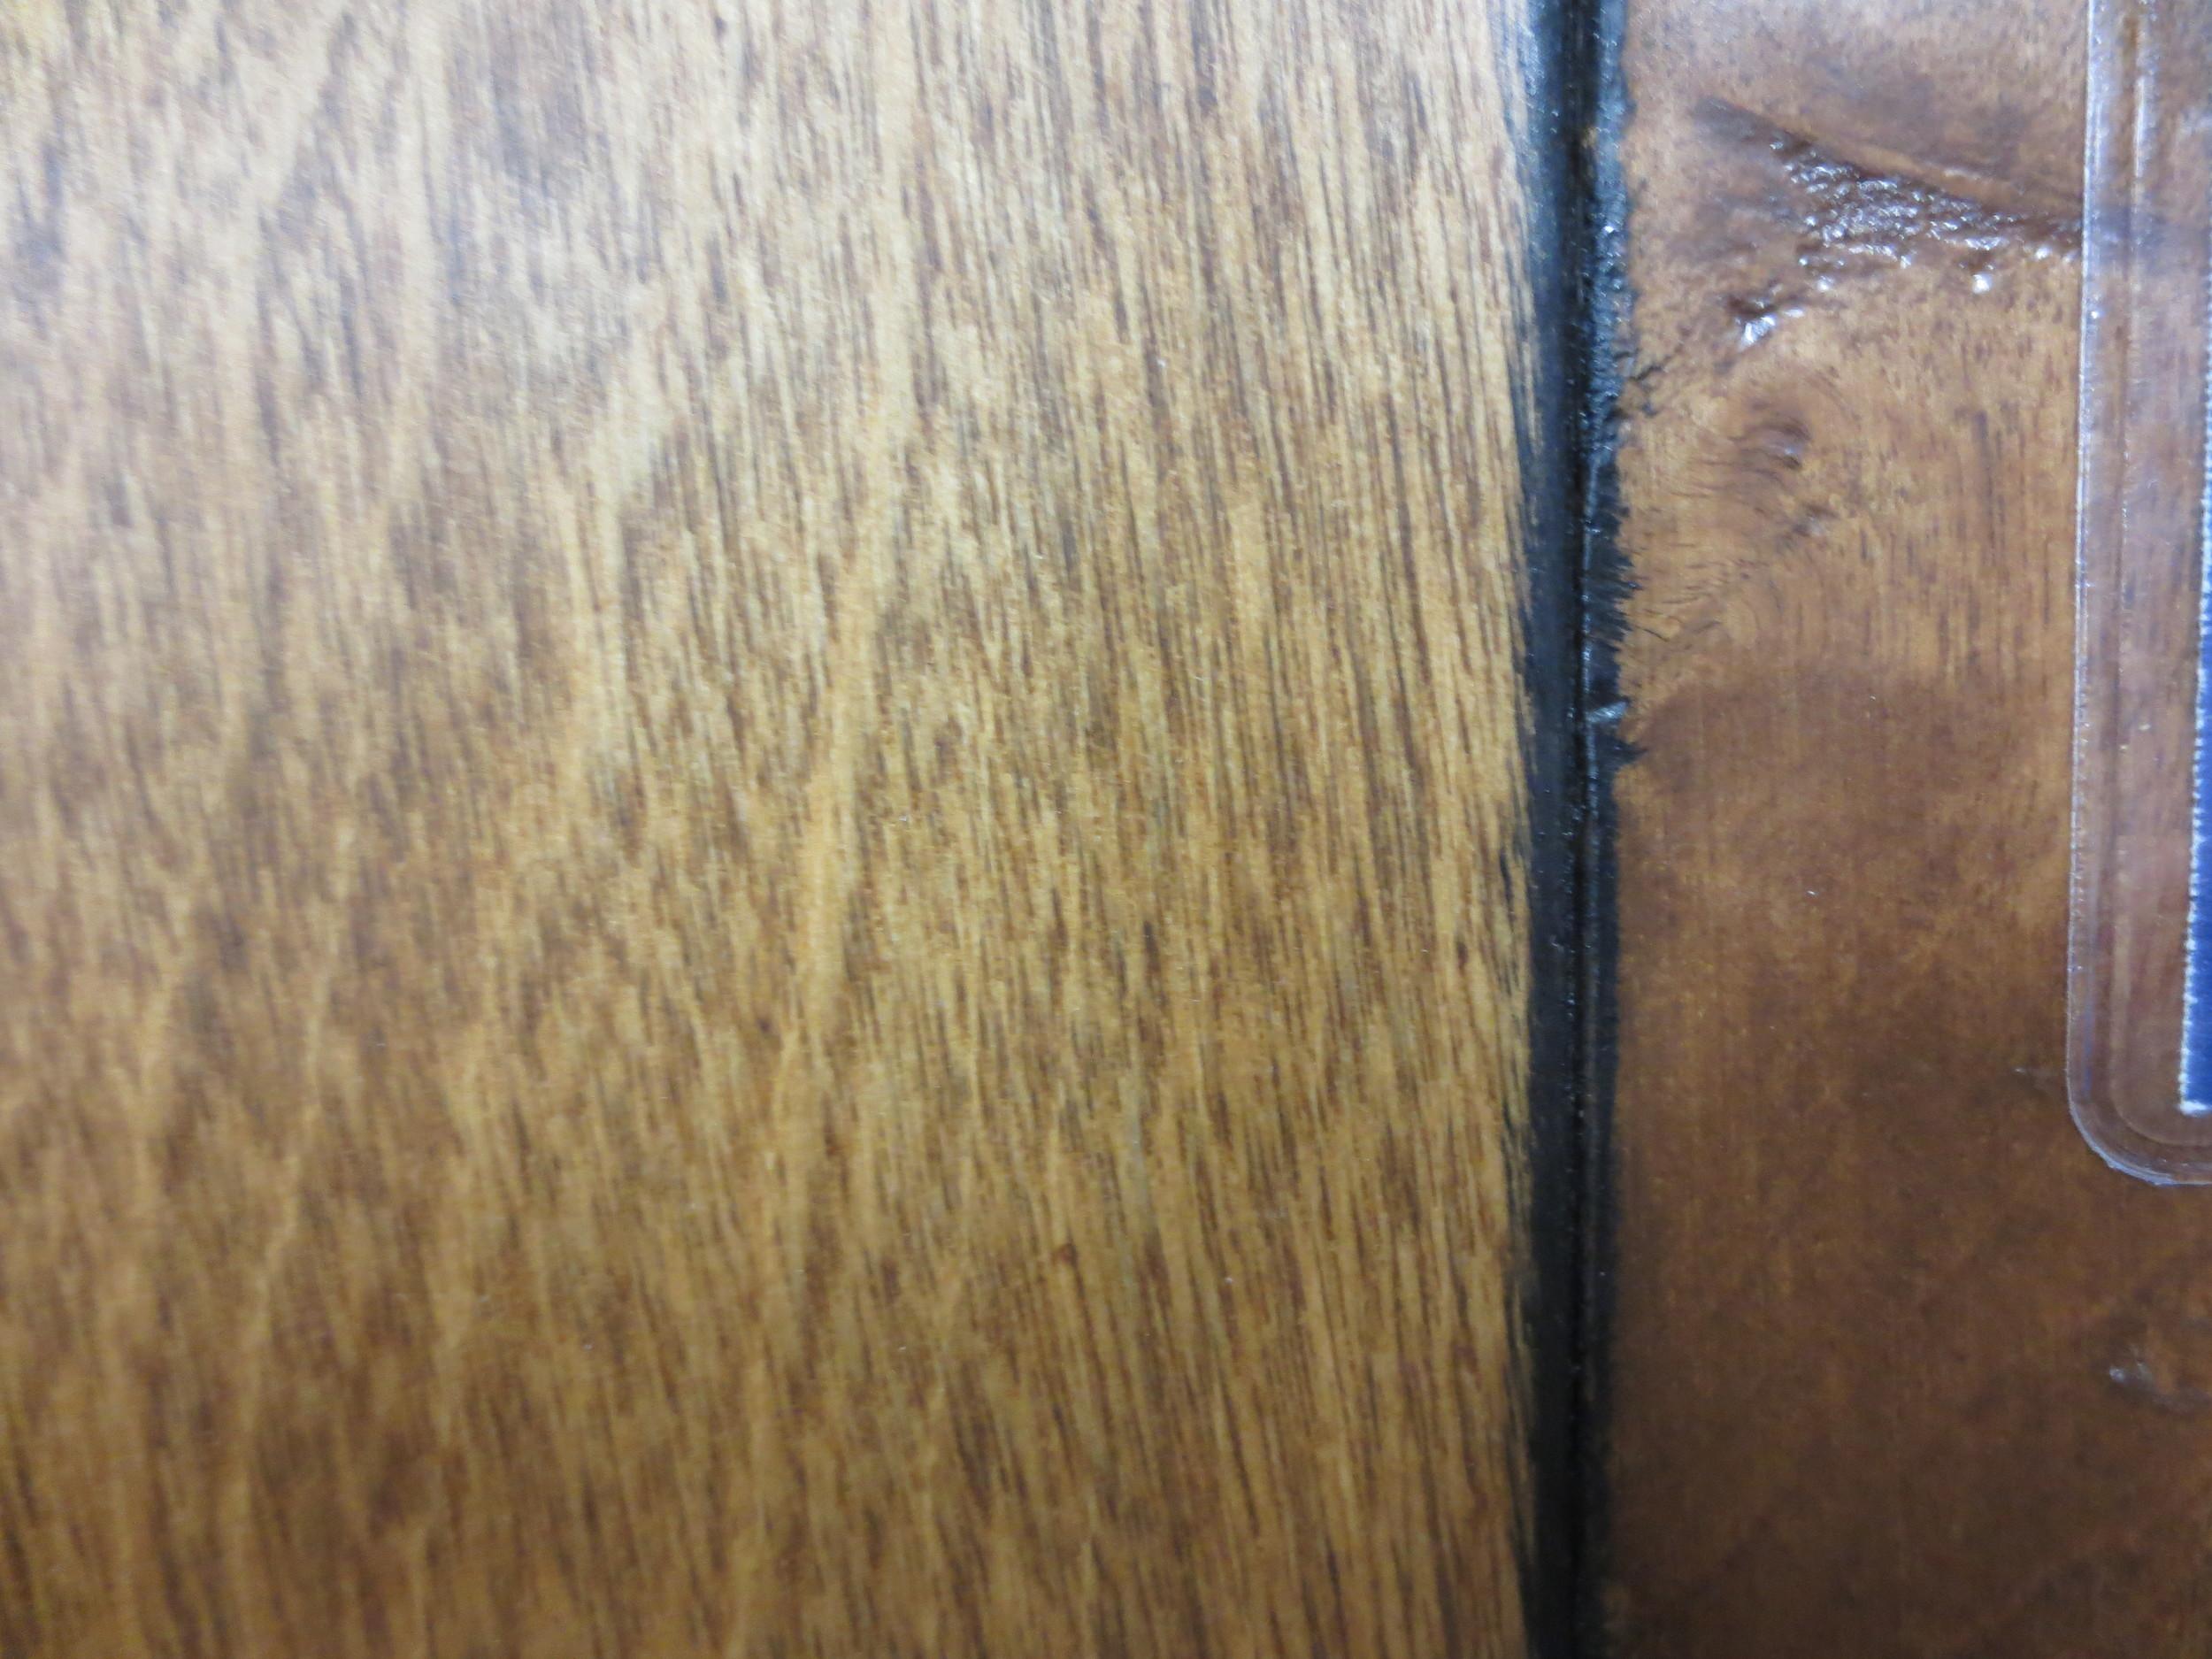 Hardwood Floor With Bleed Back